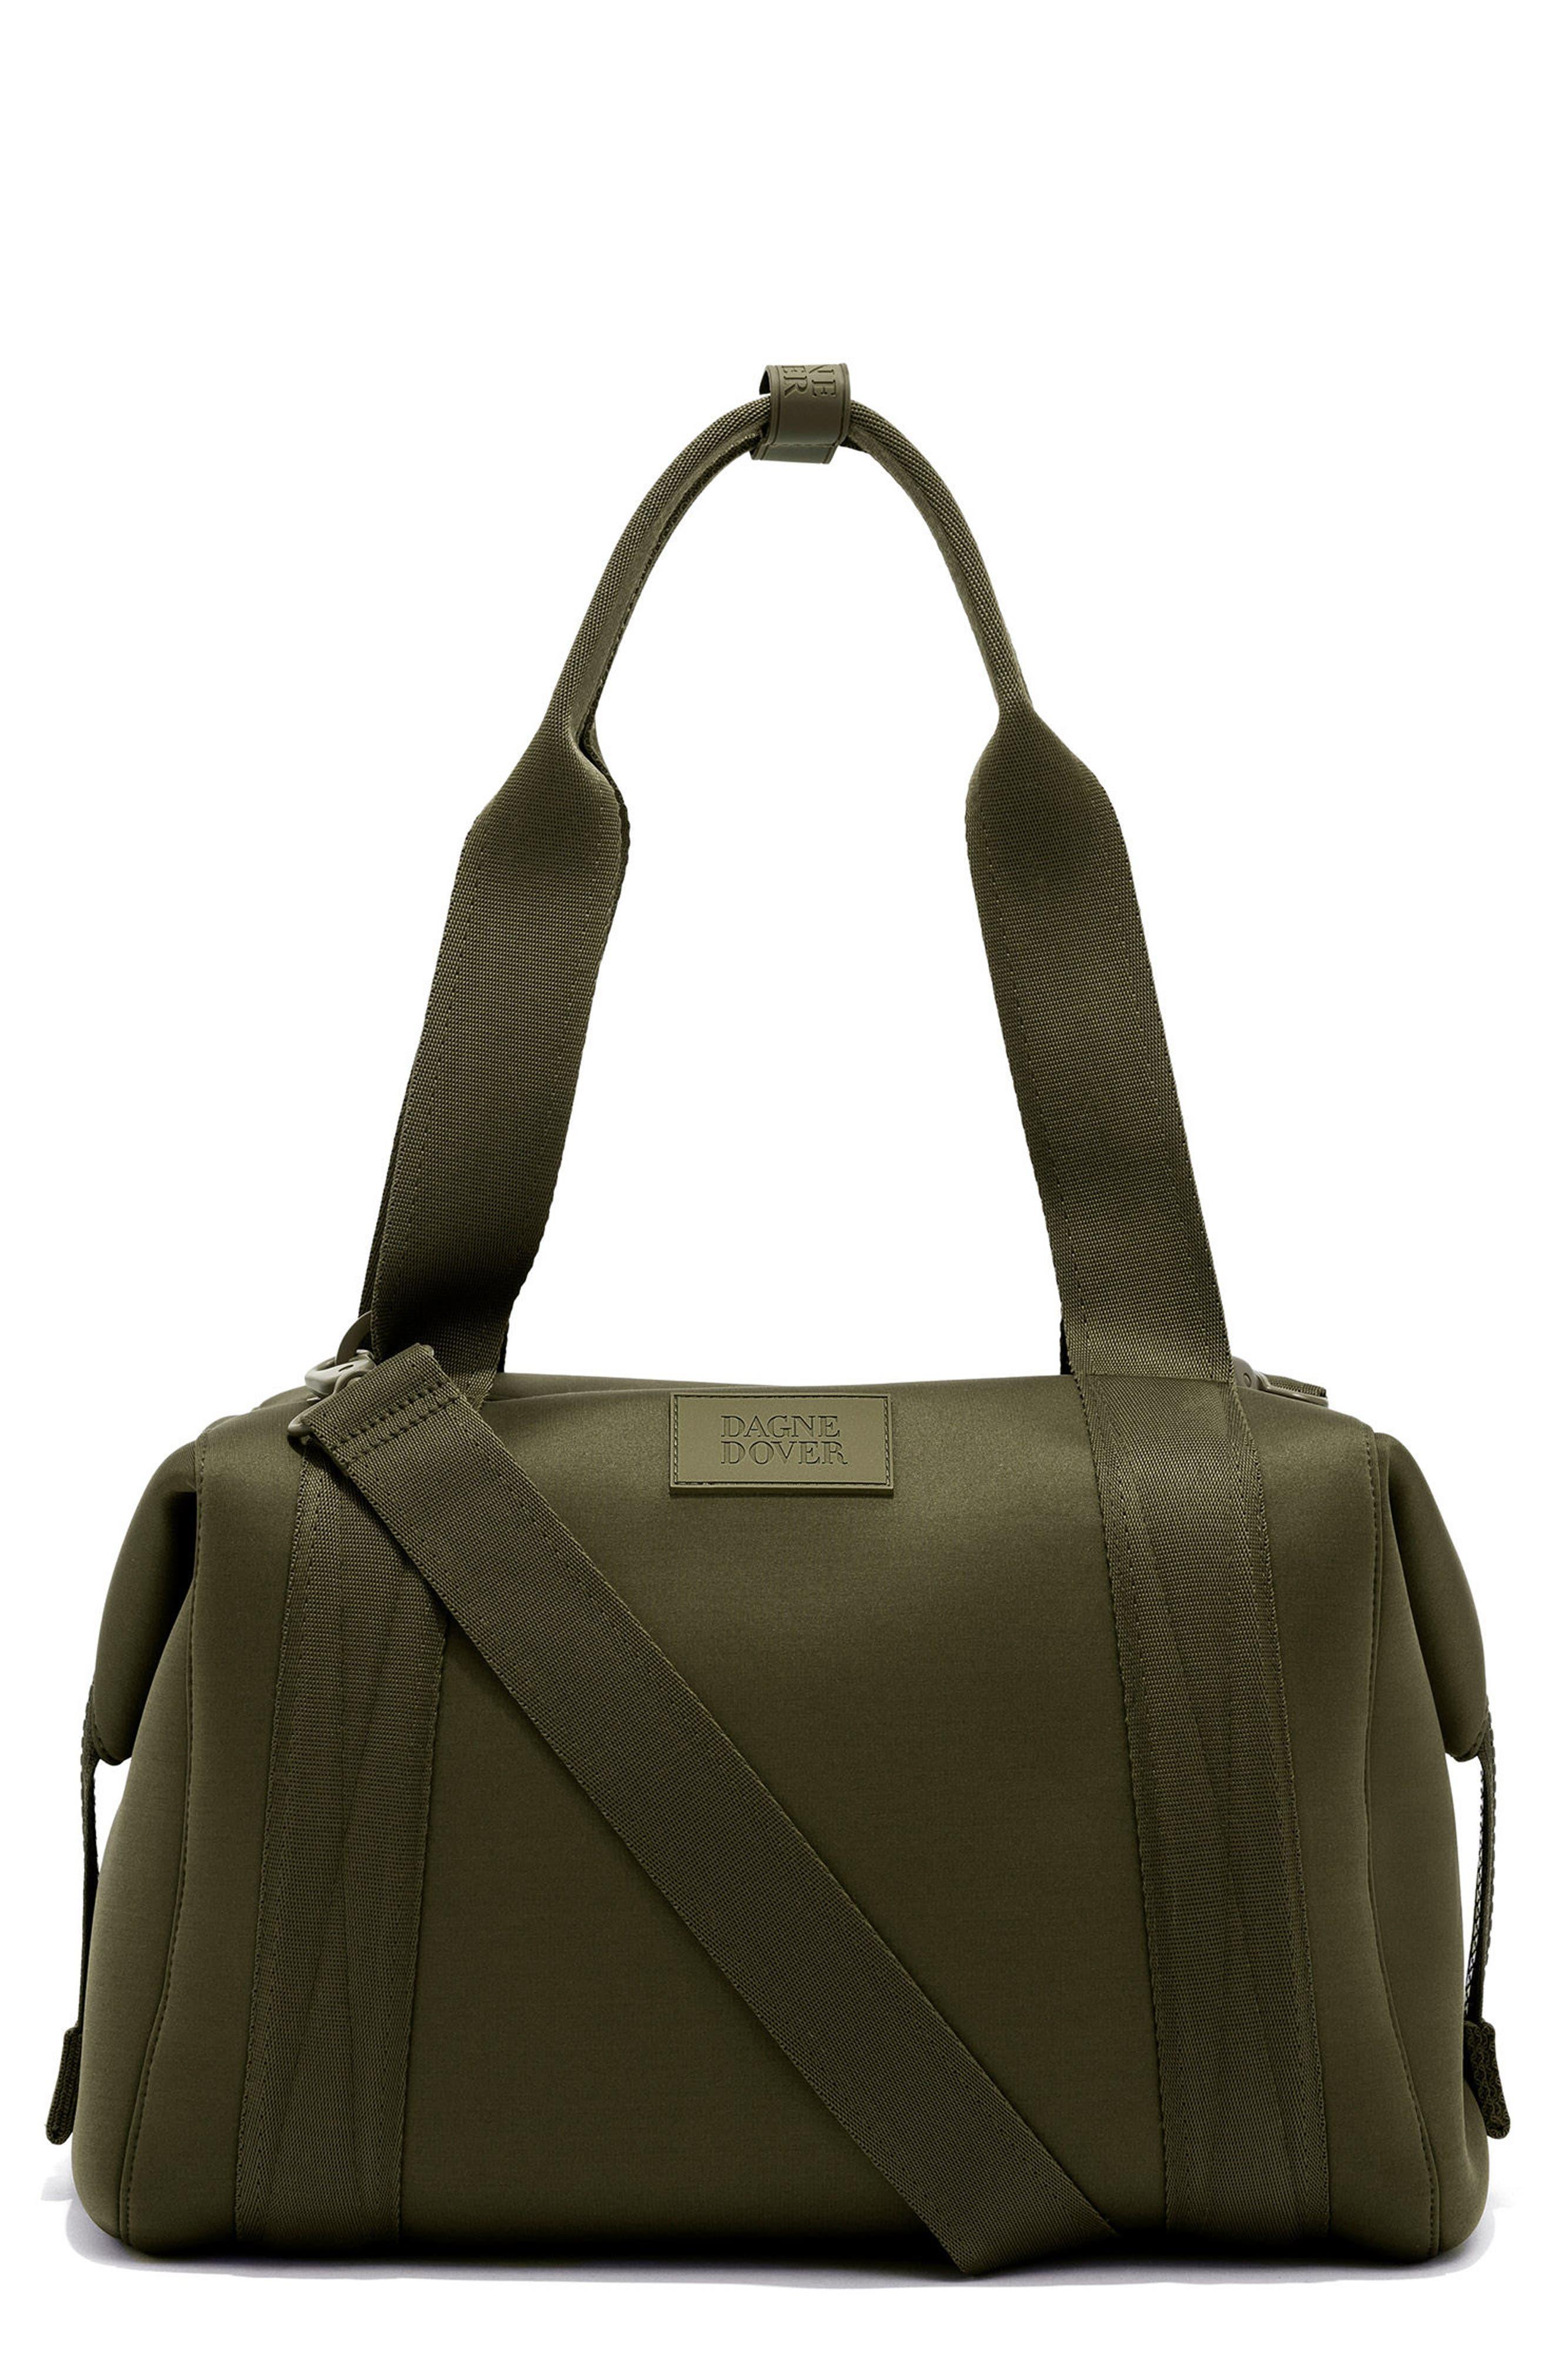 Alternate Image 1 Selected - Dagne Dover Medium Landon Neoprene Duffel Bag